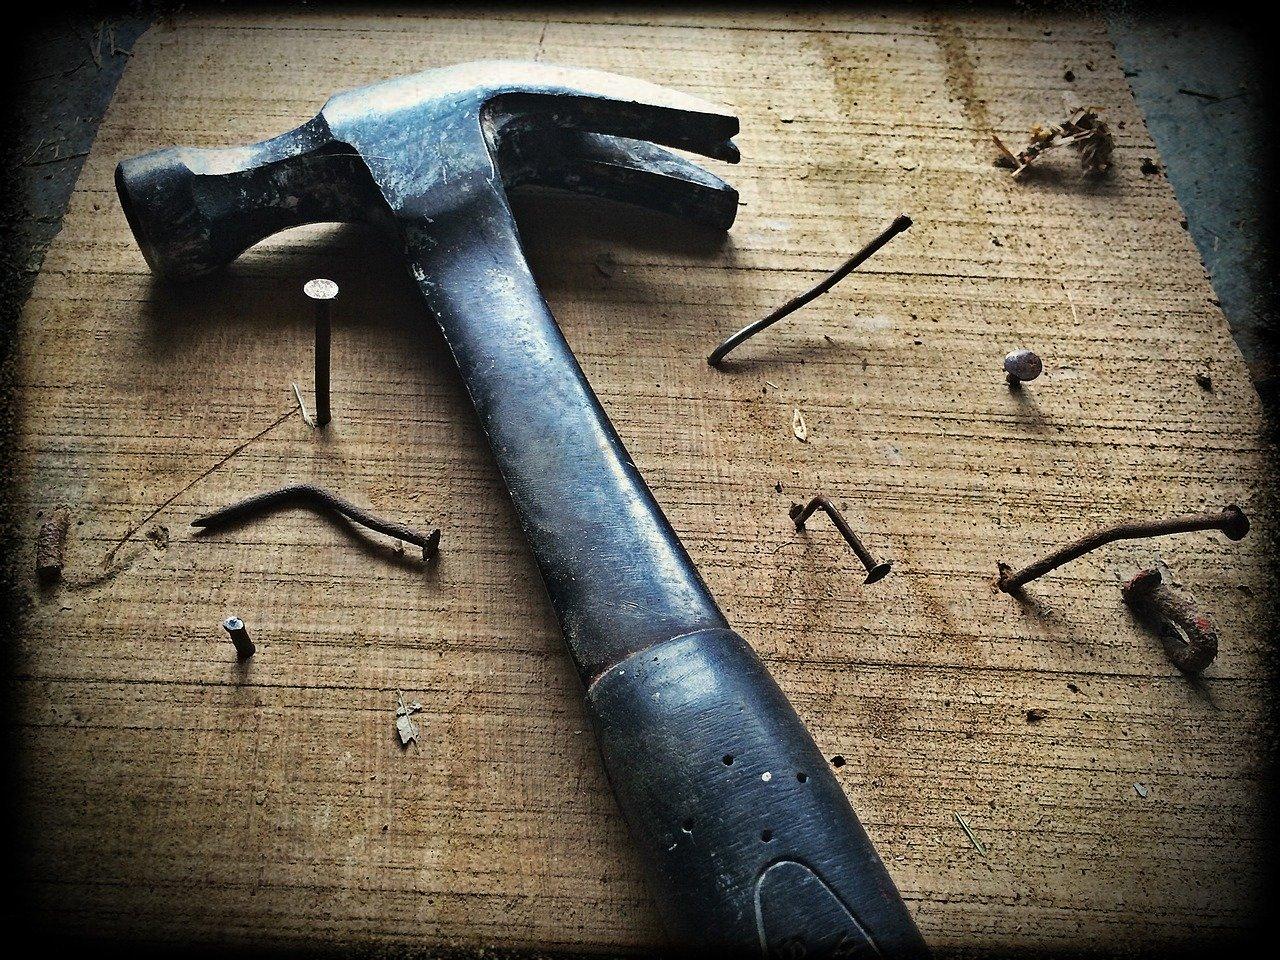 hammer-1629587_1280.jpg